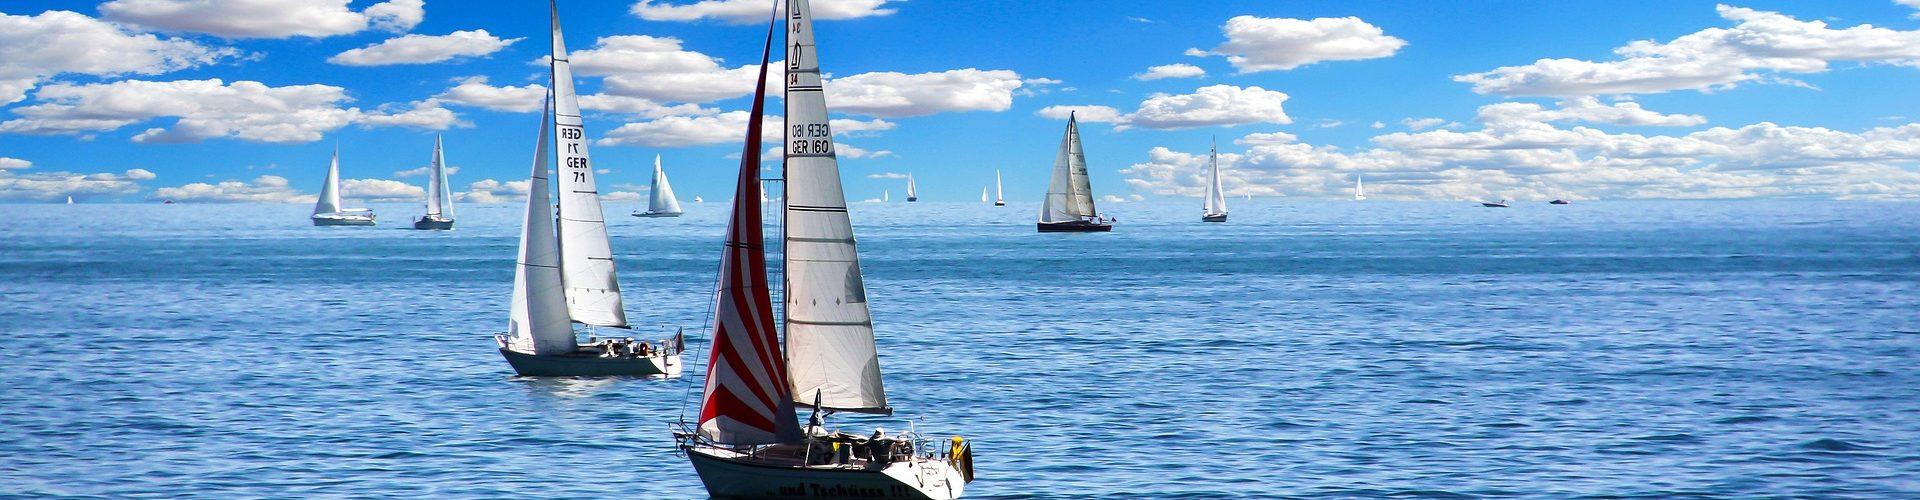 segeln lernen in Bad Säckingen segelschein machen in Bad Säckingen 1920x500 - Segeln lernen in Bad Säckingen